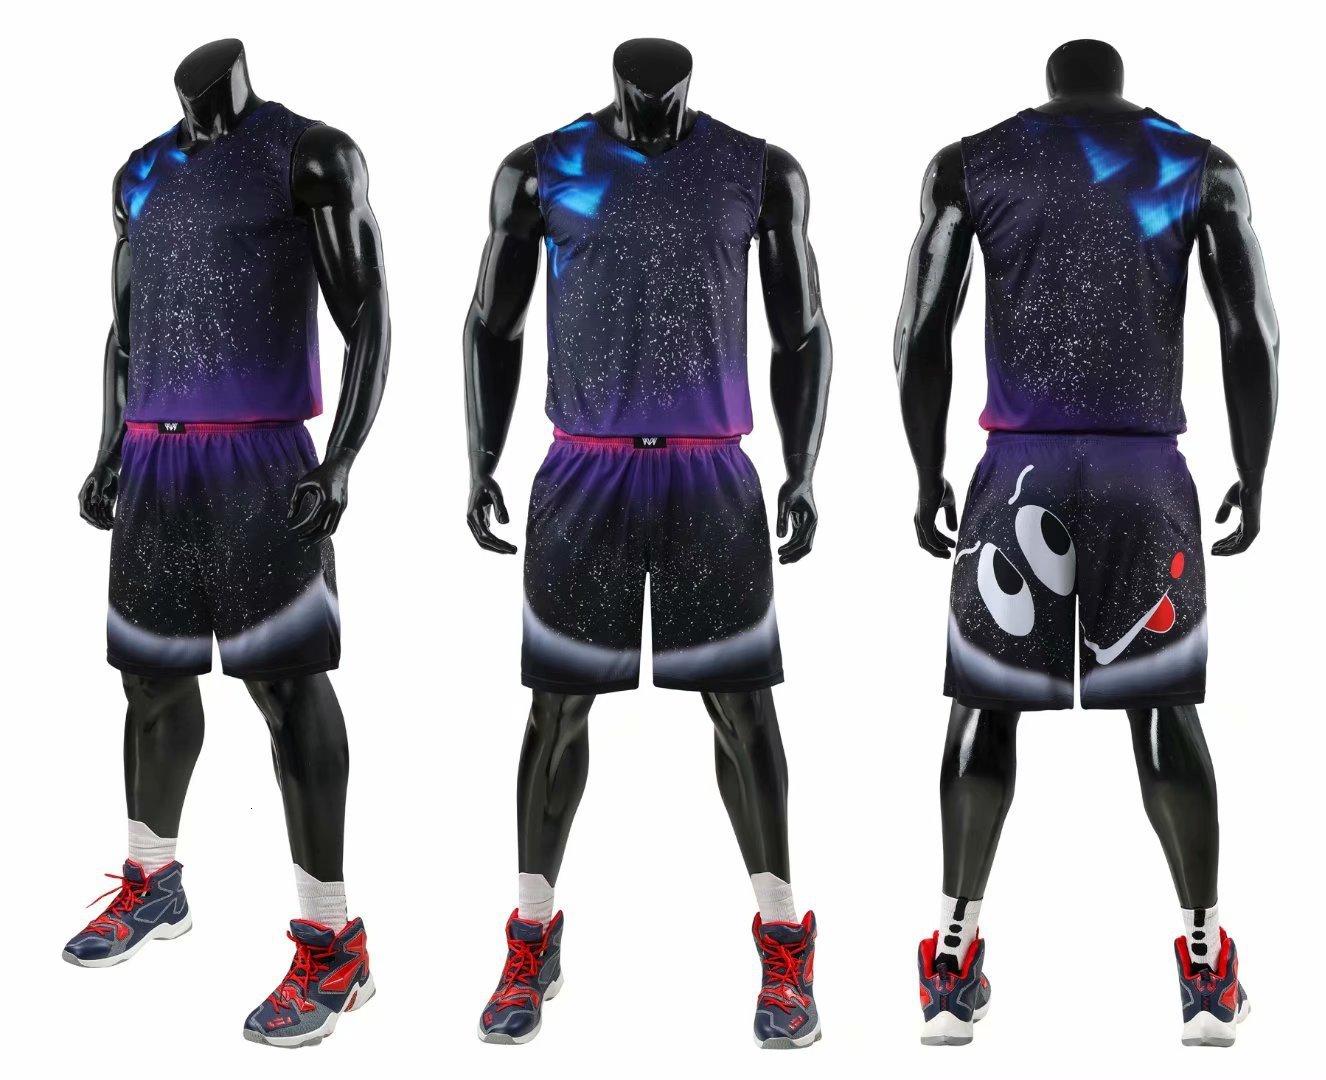 Cartoon Men Throwback Basketball Jerseys Suits Blank Women Team Tracksuits Basketball Jerseys Clothes Uniforms Customized